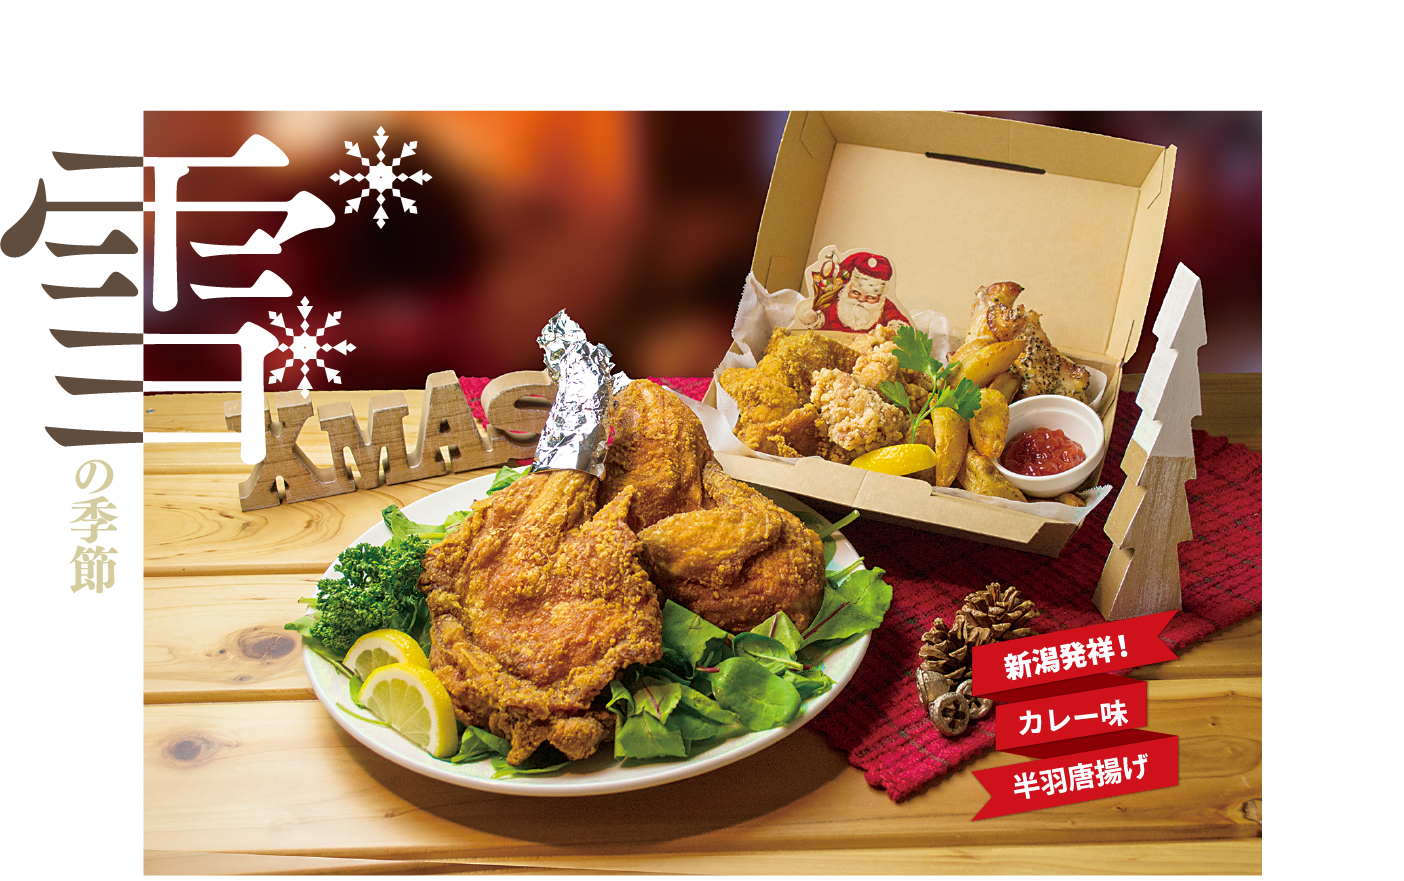 雪が降る季節に。うまいもんや新町で販売している新潟発祥のカレー味の半羽唐揚げとミニオードブル。